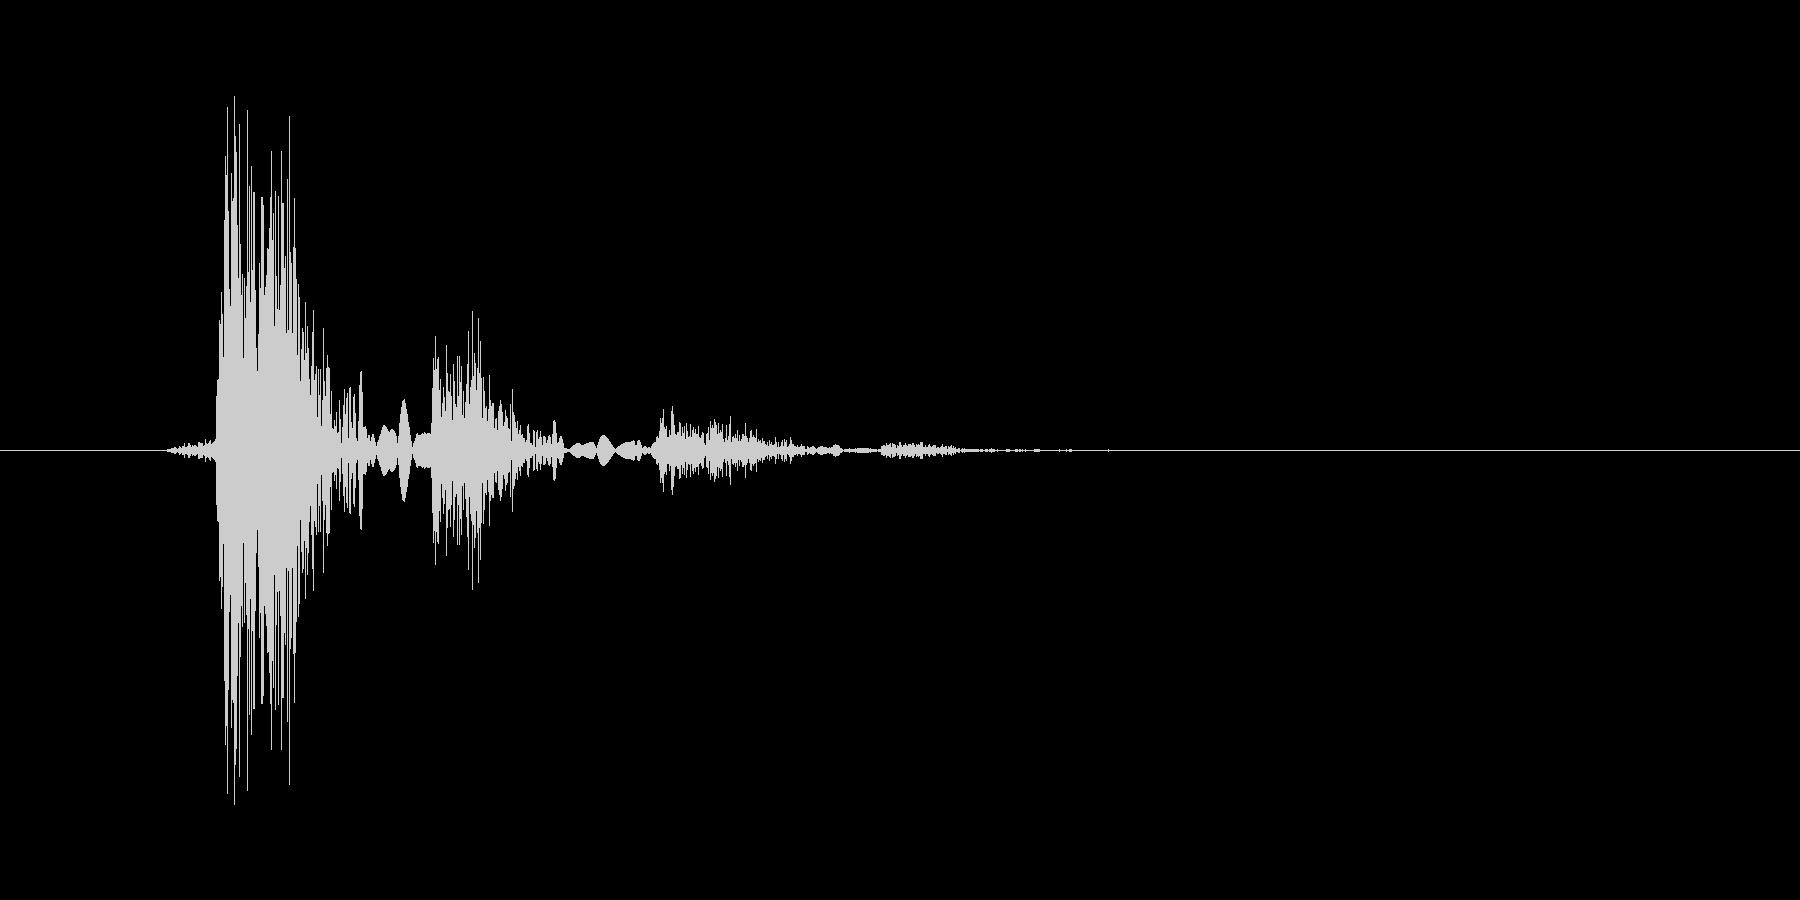 ノイズ系キャンセル音1の未再生の波形